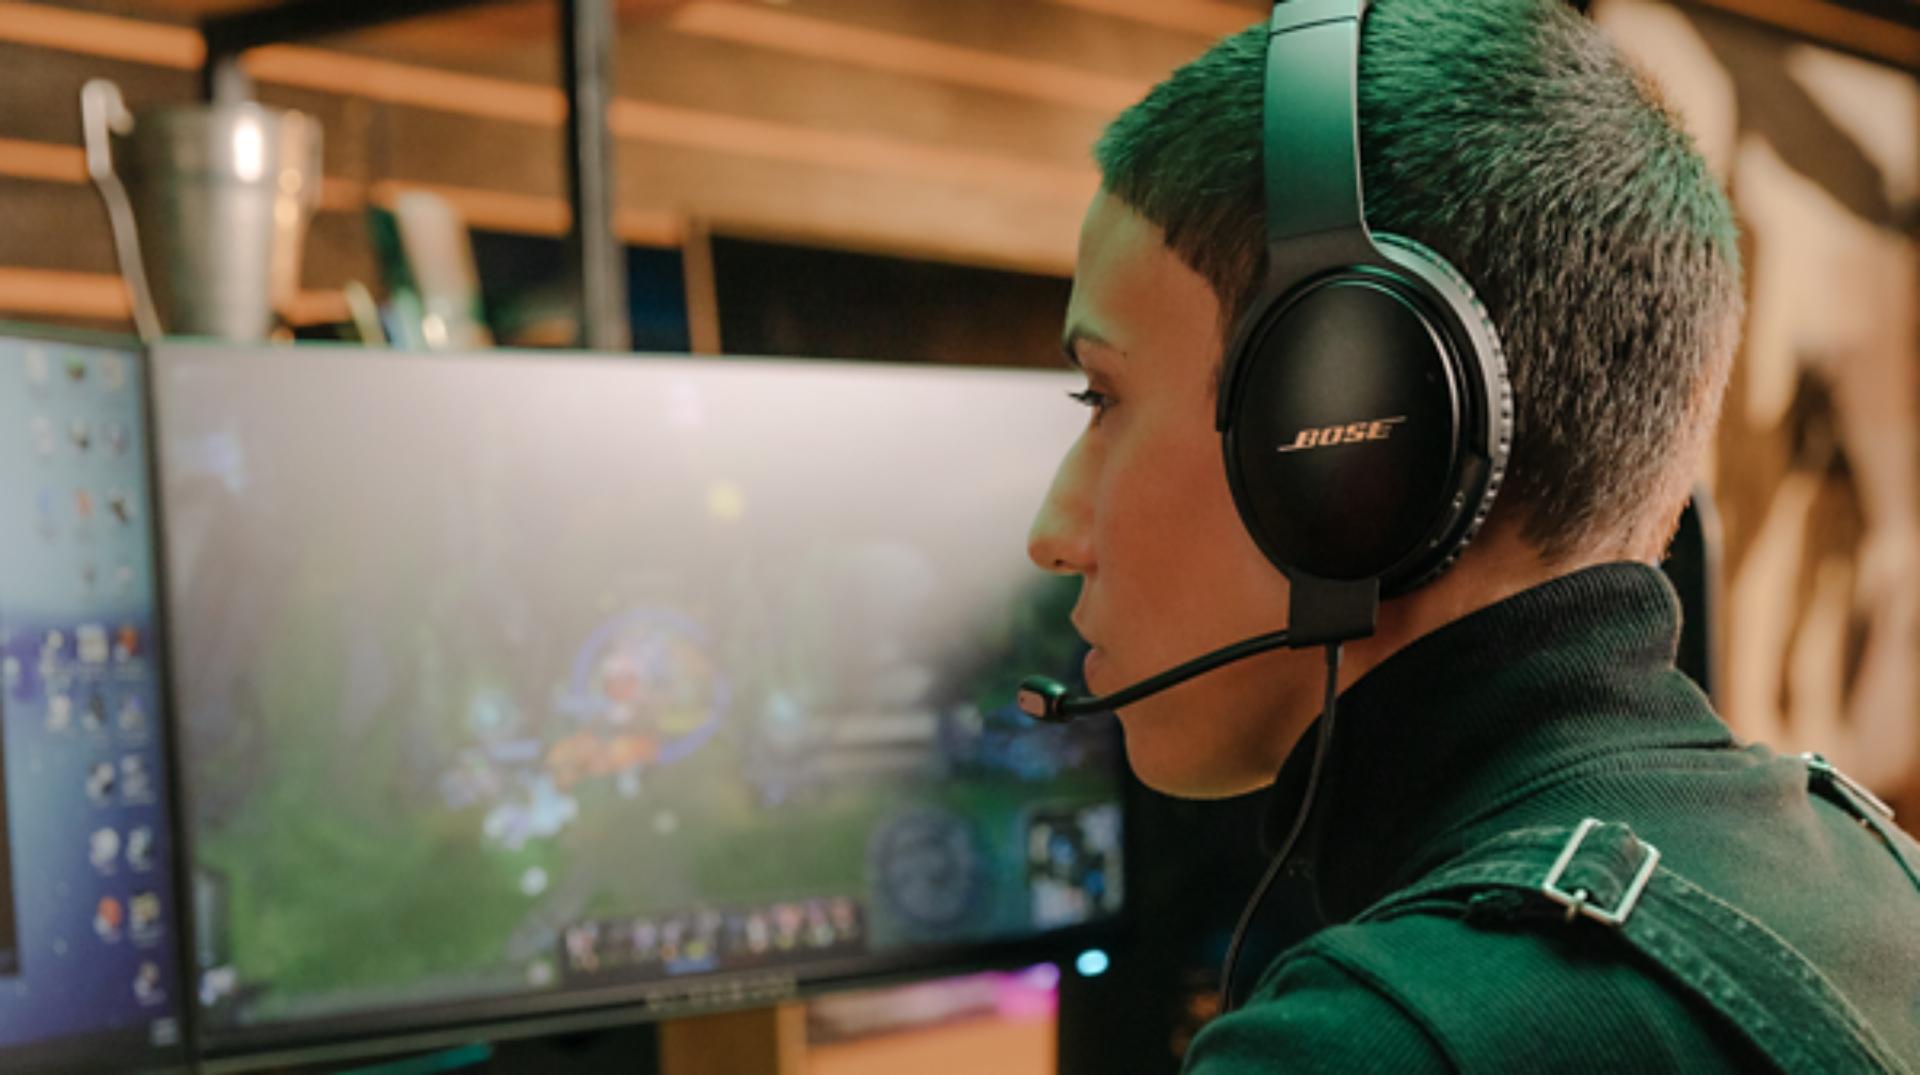 Bose QC 35 2 gaming headset